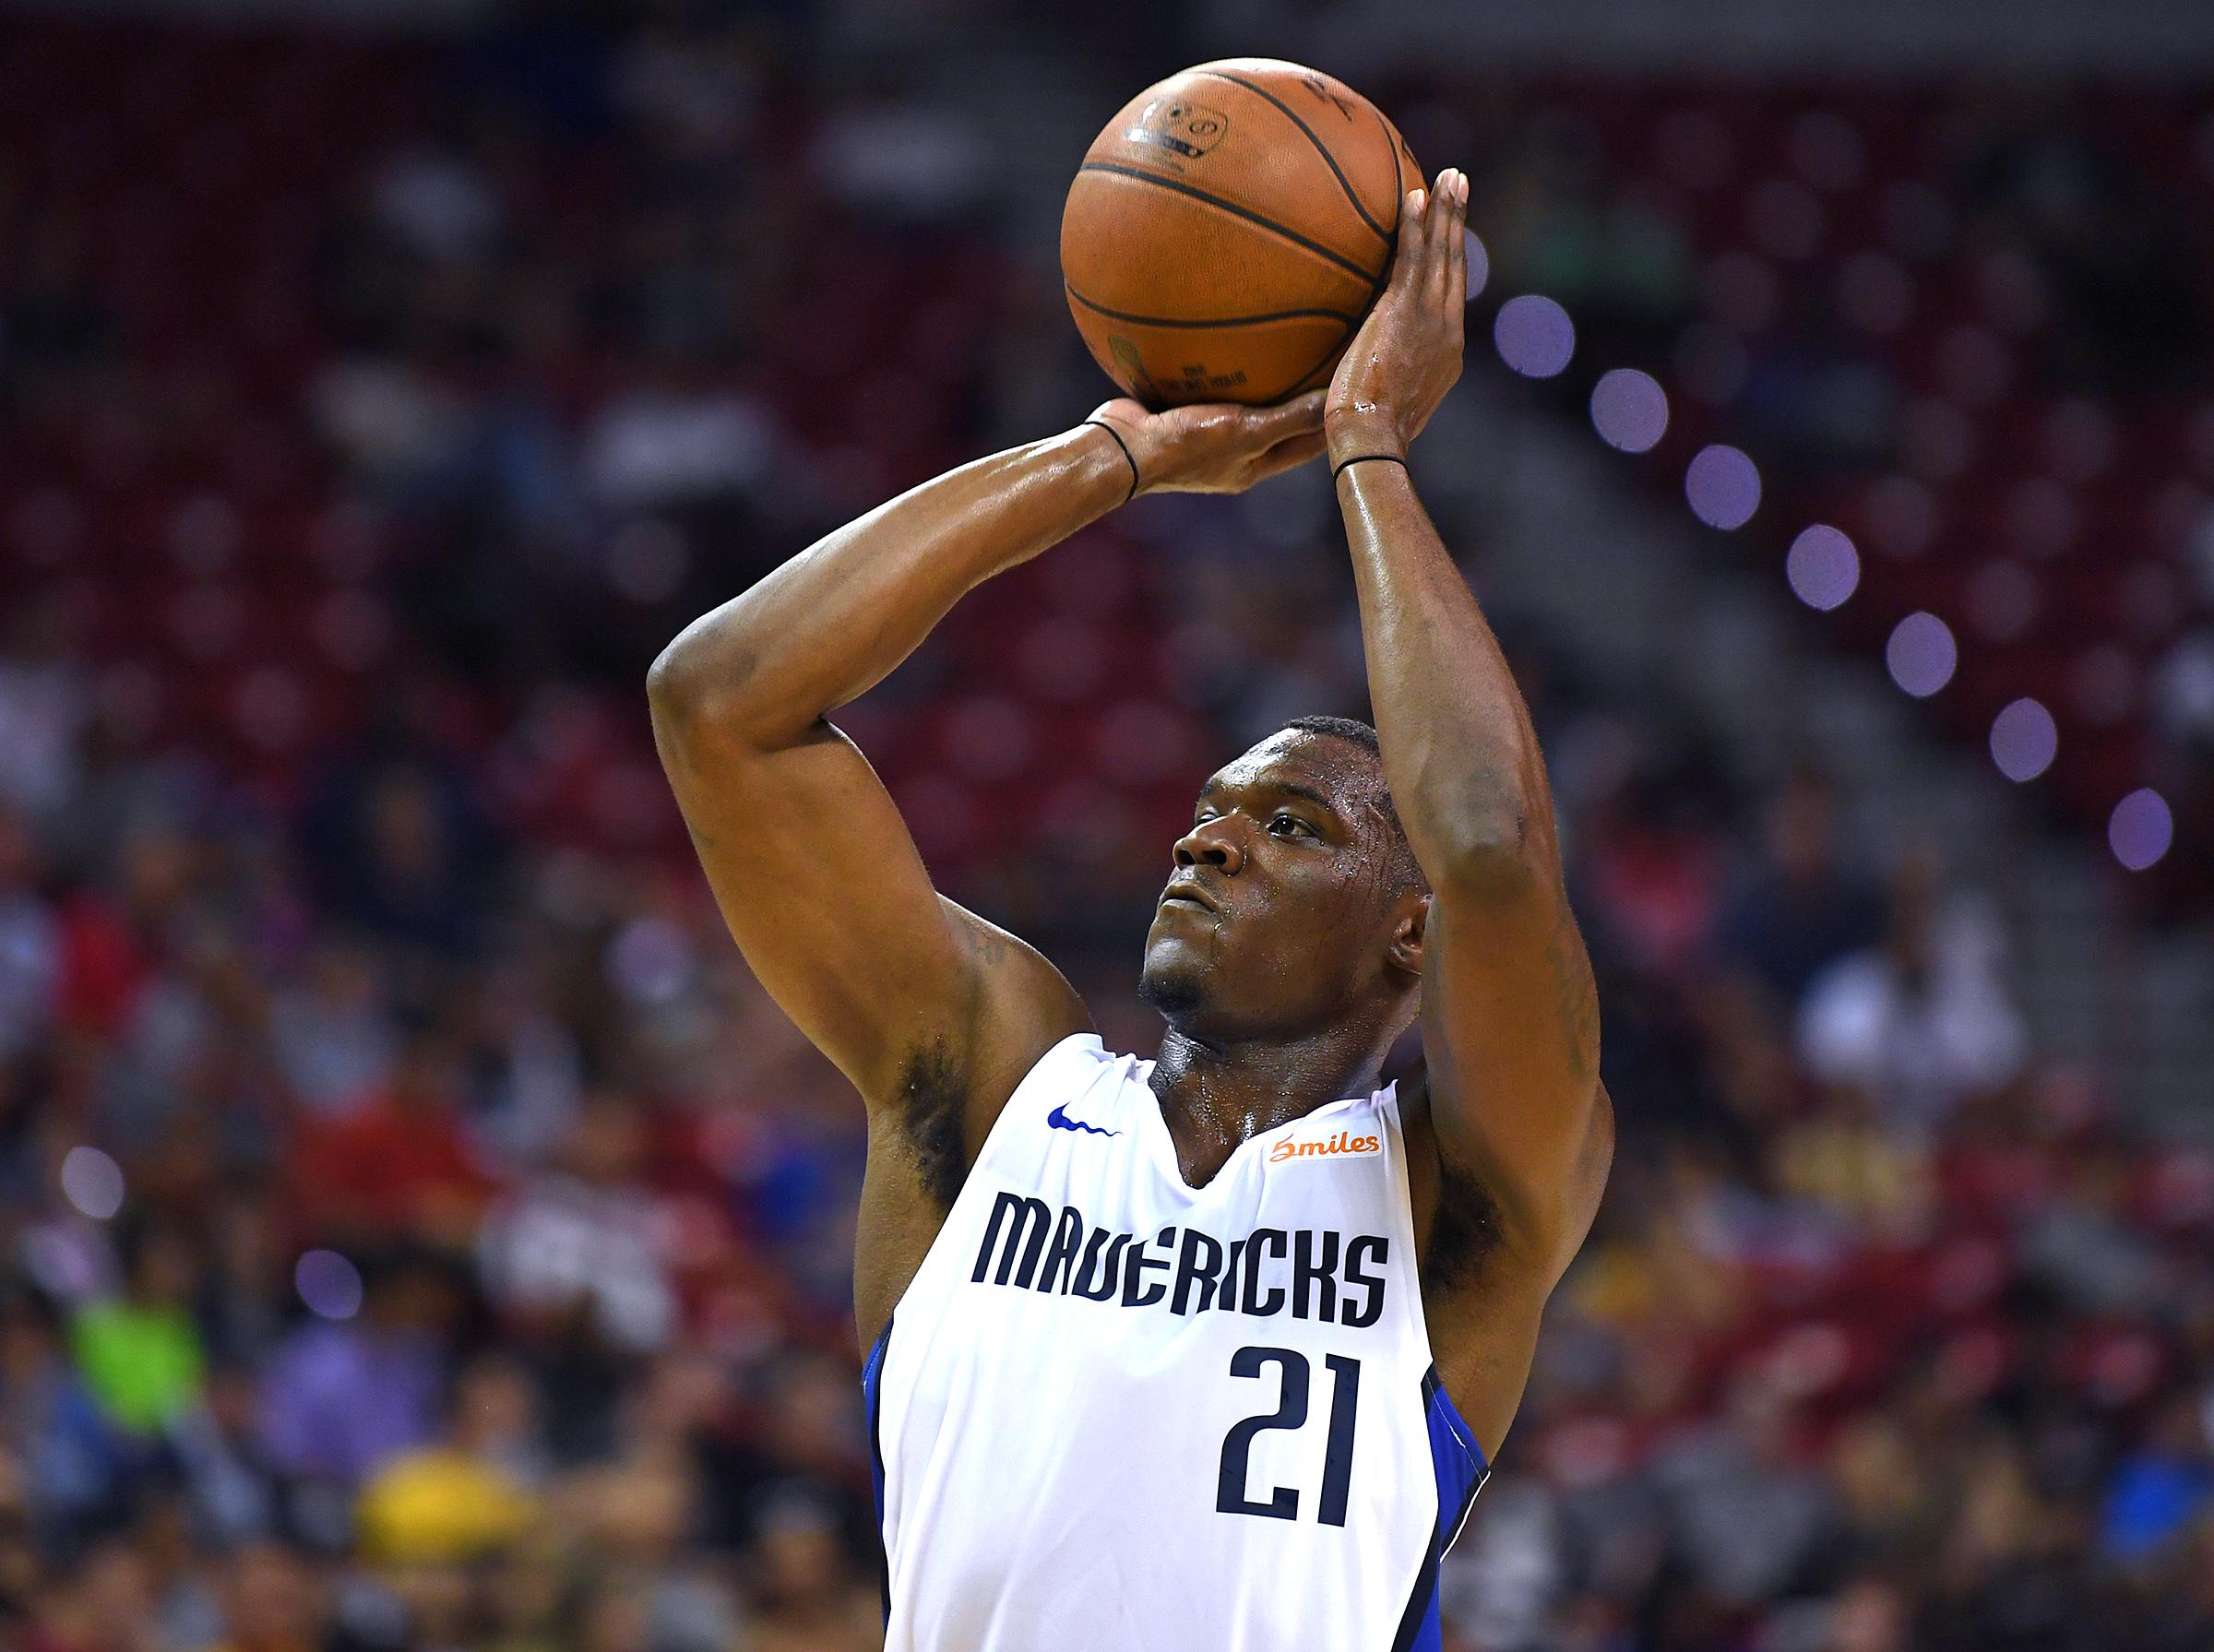 NBA: Summer League-Golden State Warriors at Dallas Mavericks